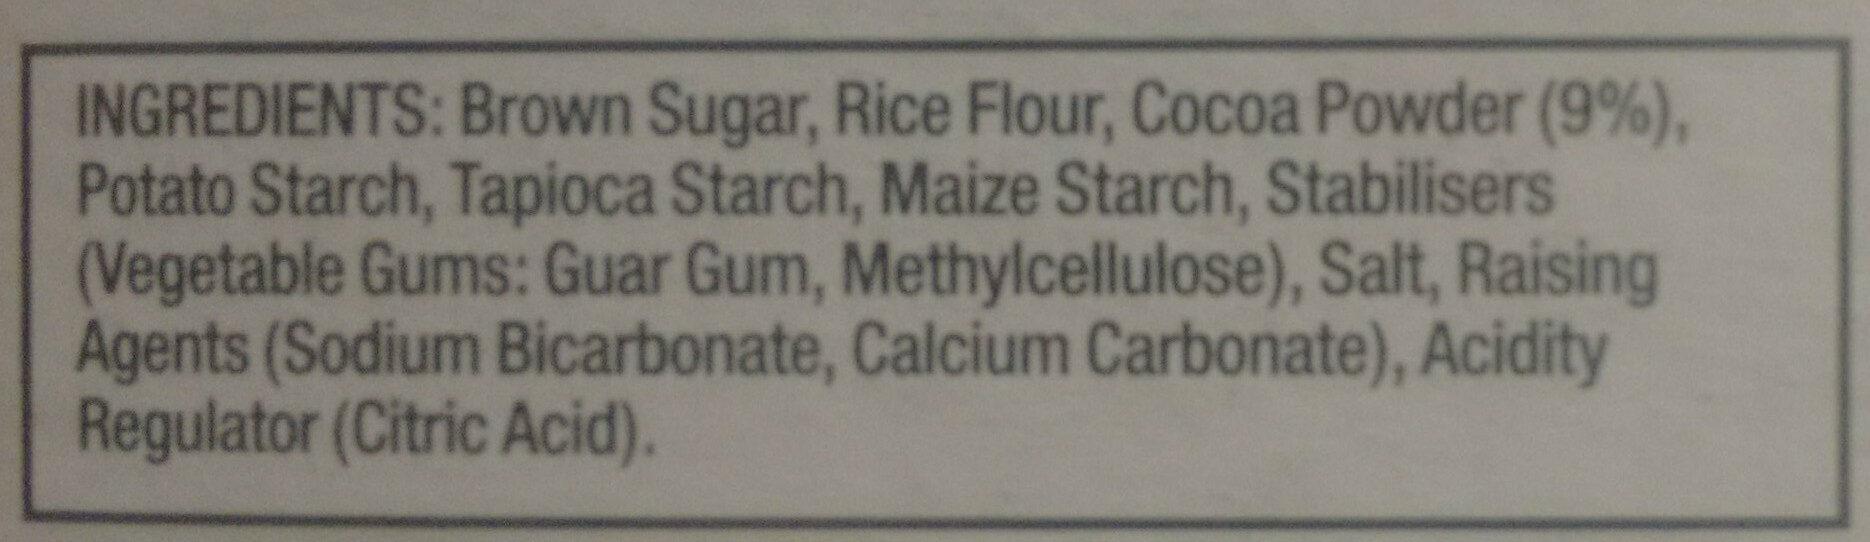 Brownie Mix, Choc Flavoured - Ingredients - en